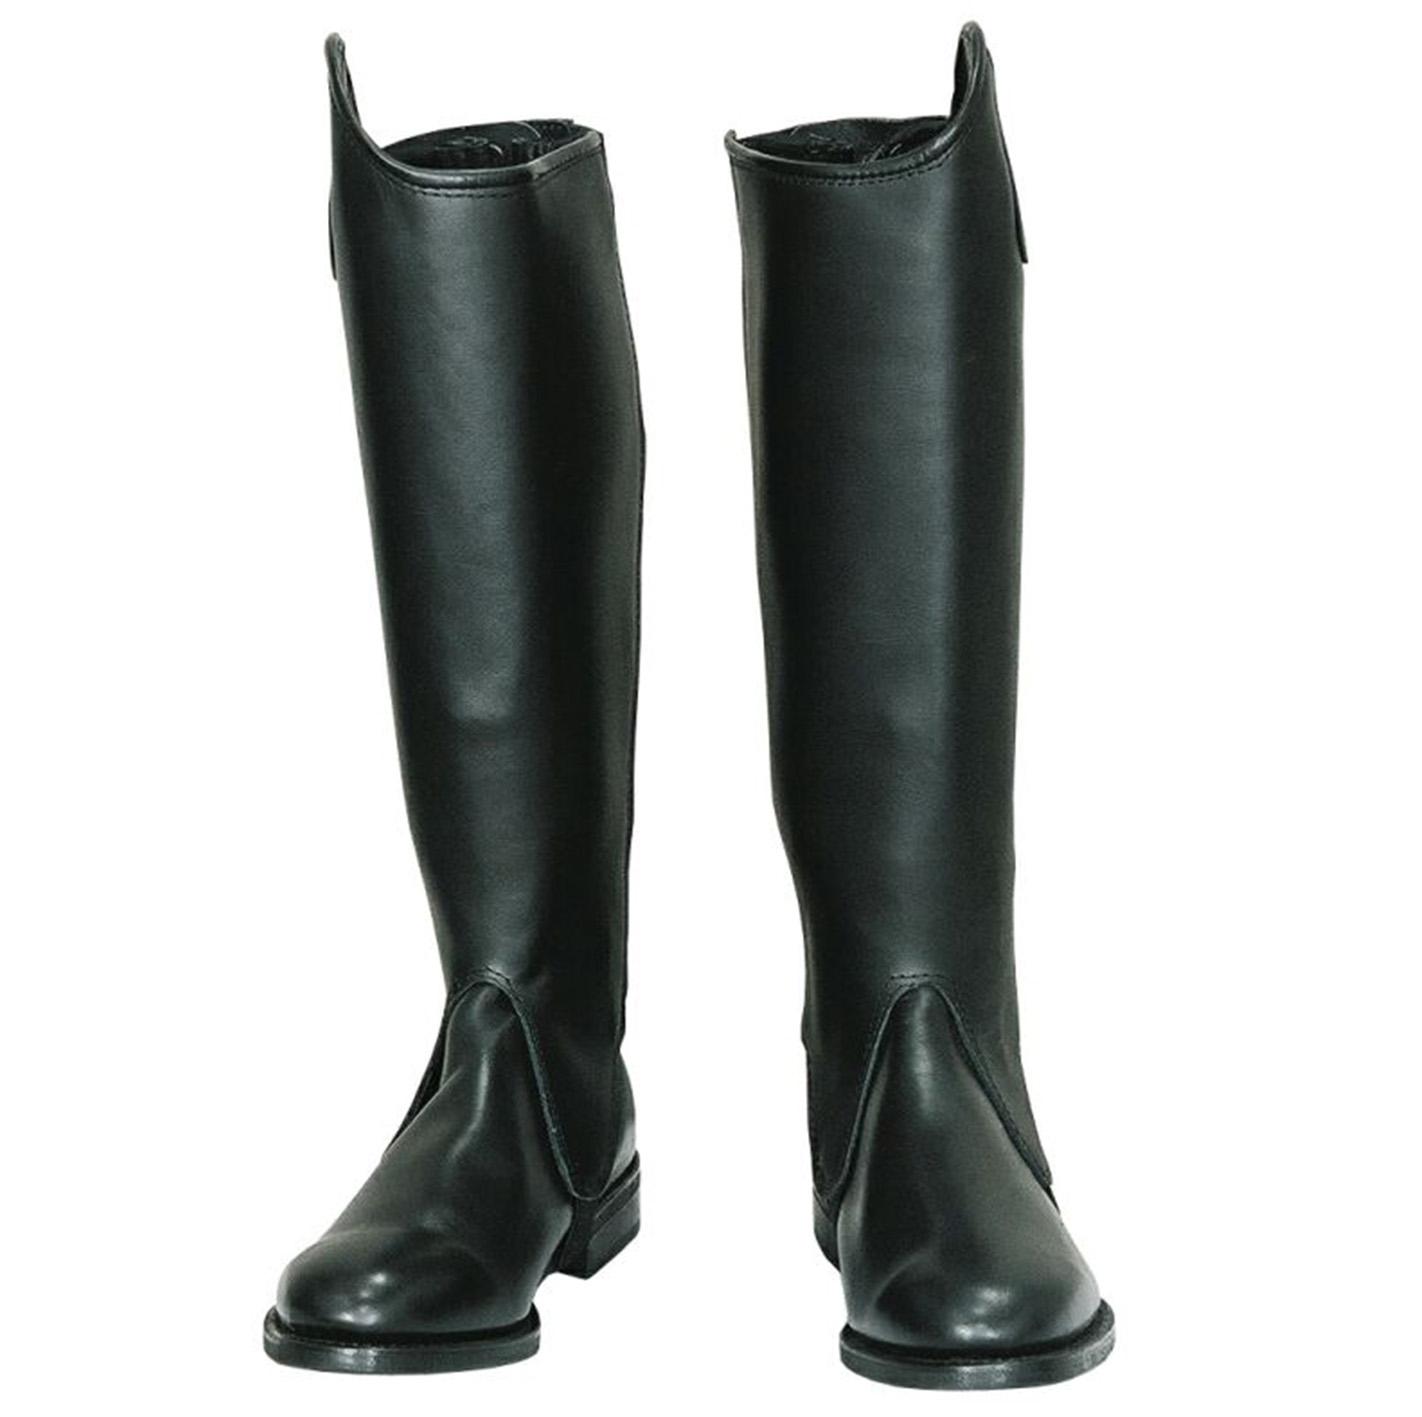 Cavallino Leather Gaiters